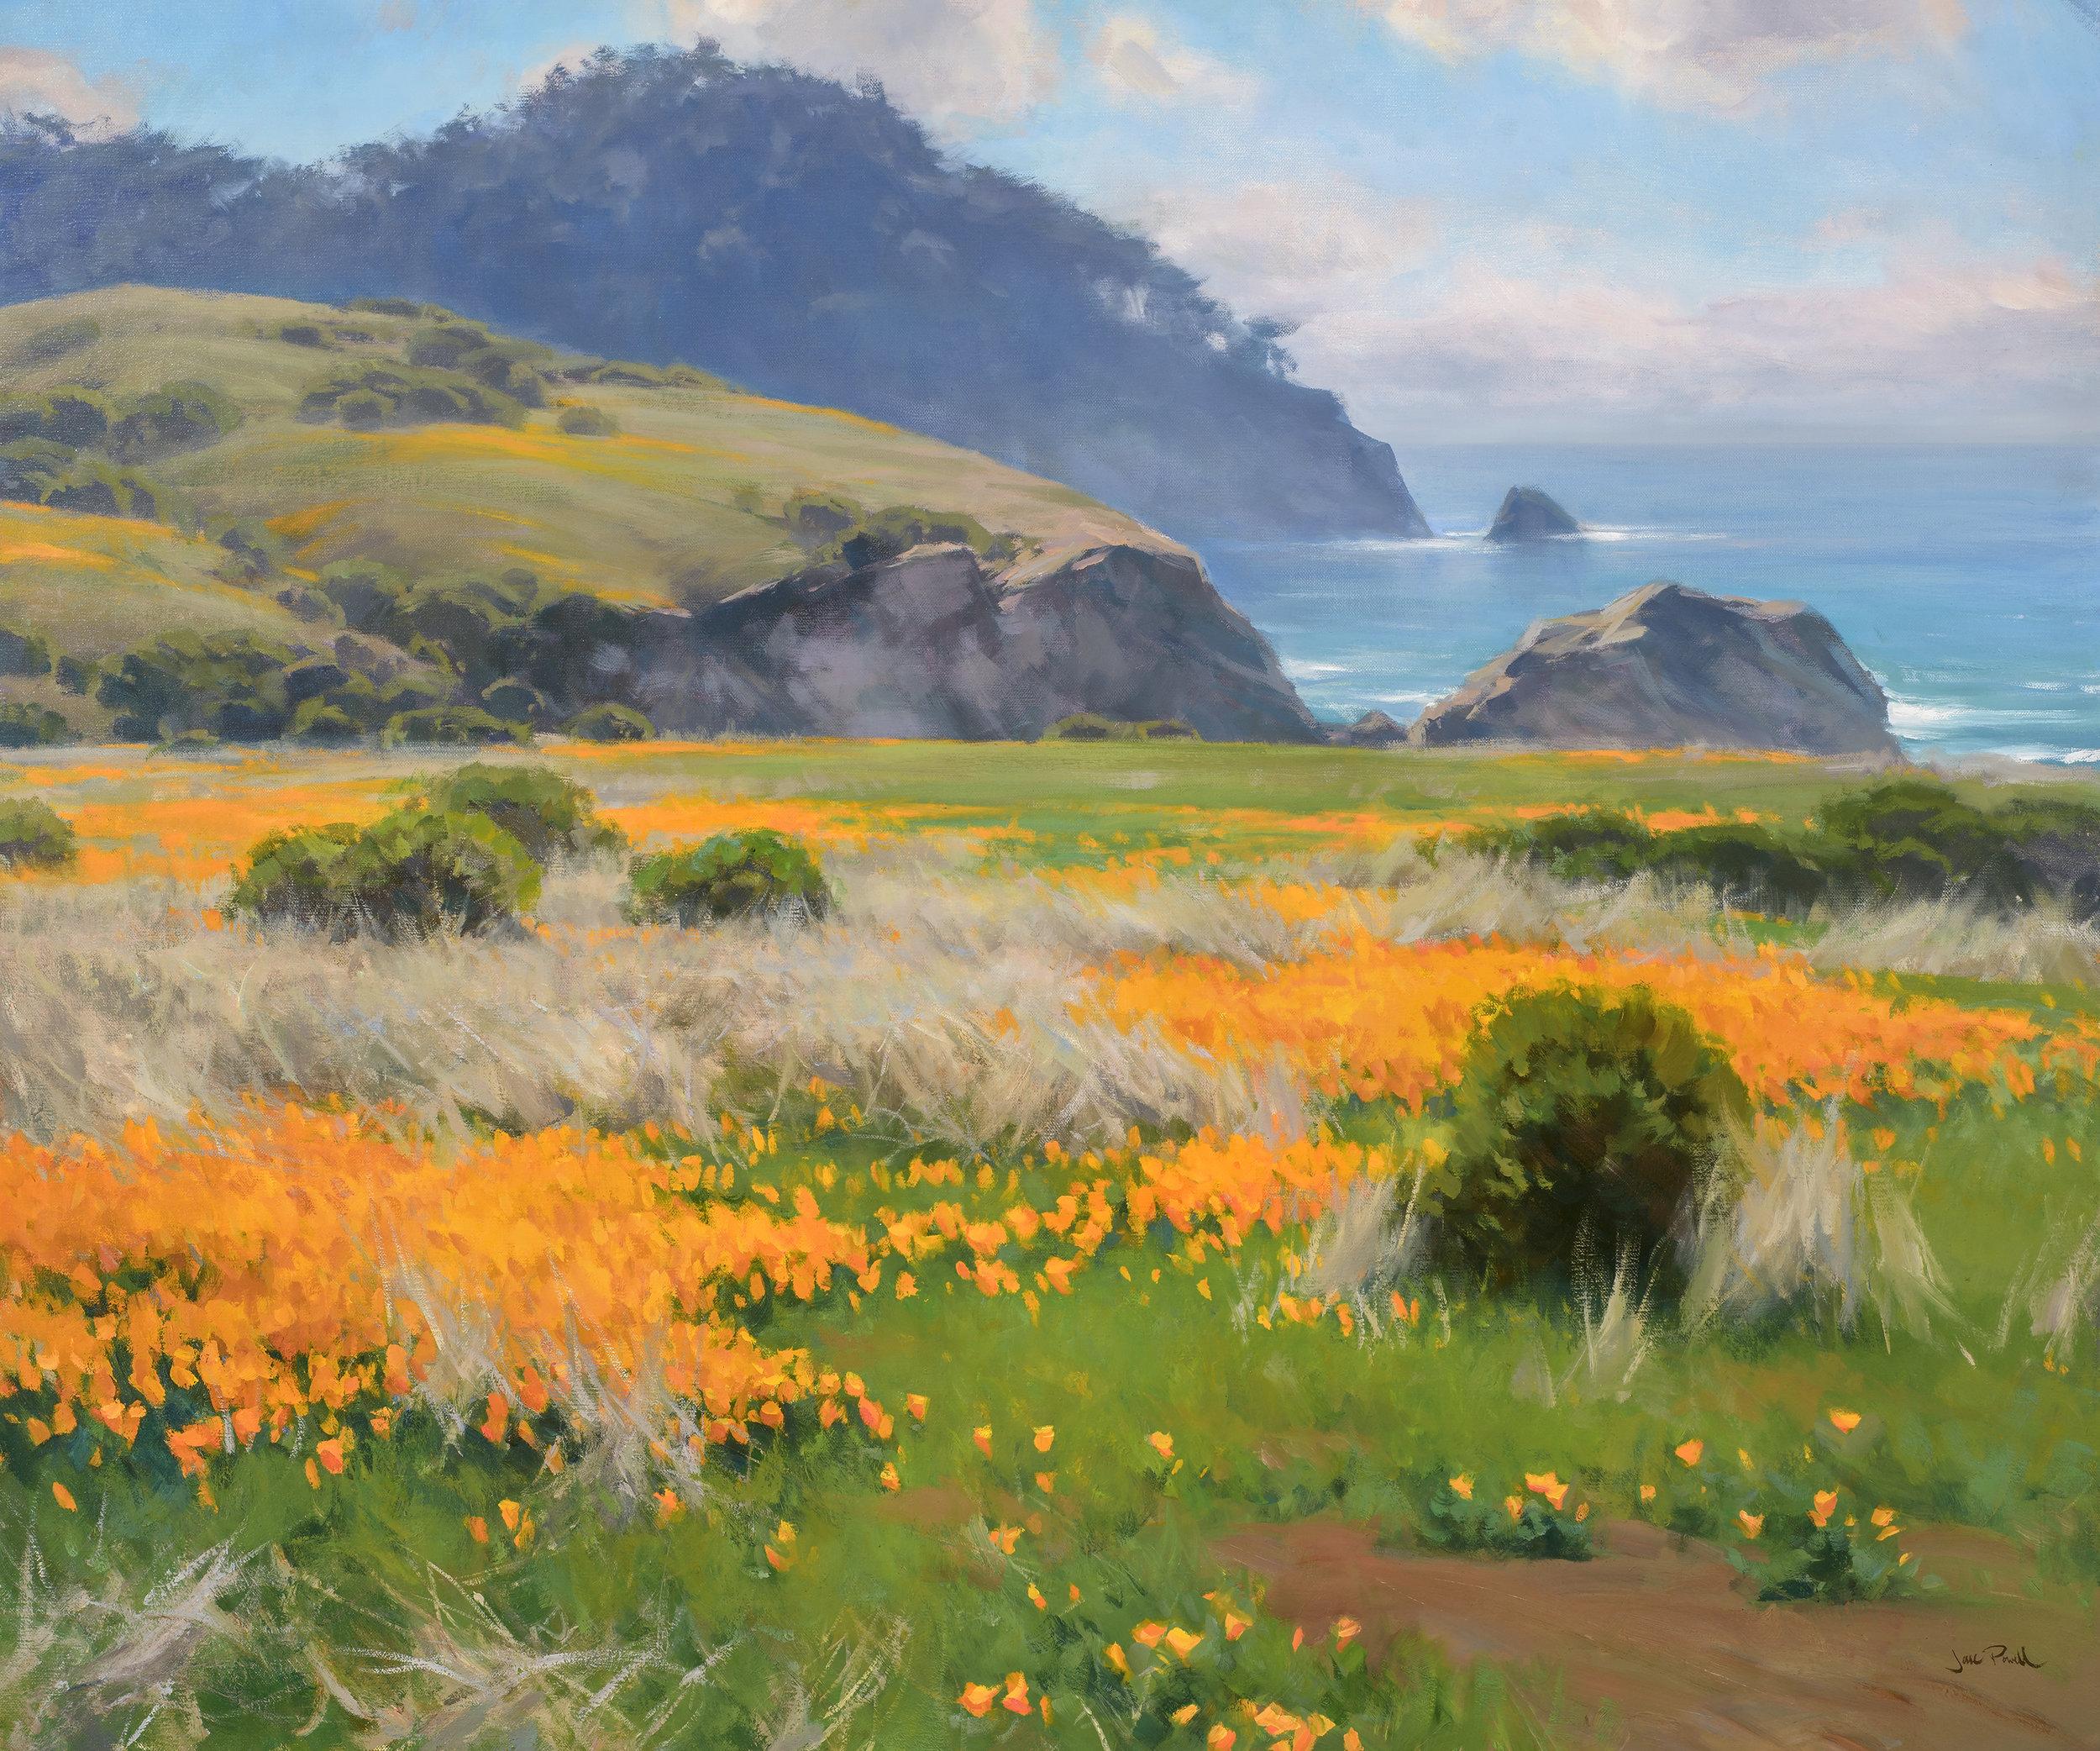 Spring Bloom Pt. Lobos 30x36.jpg